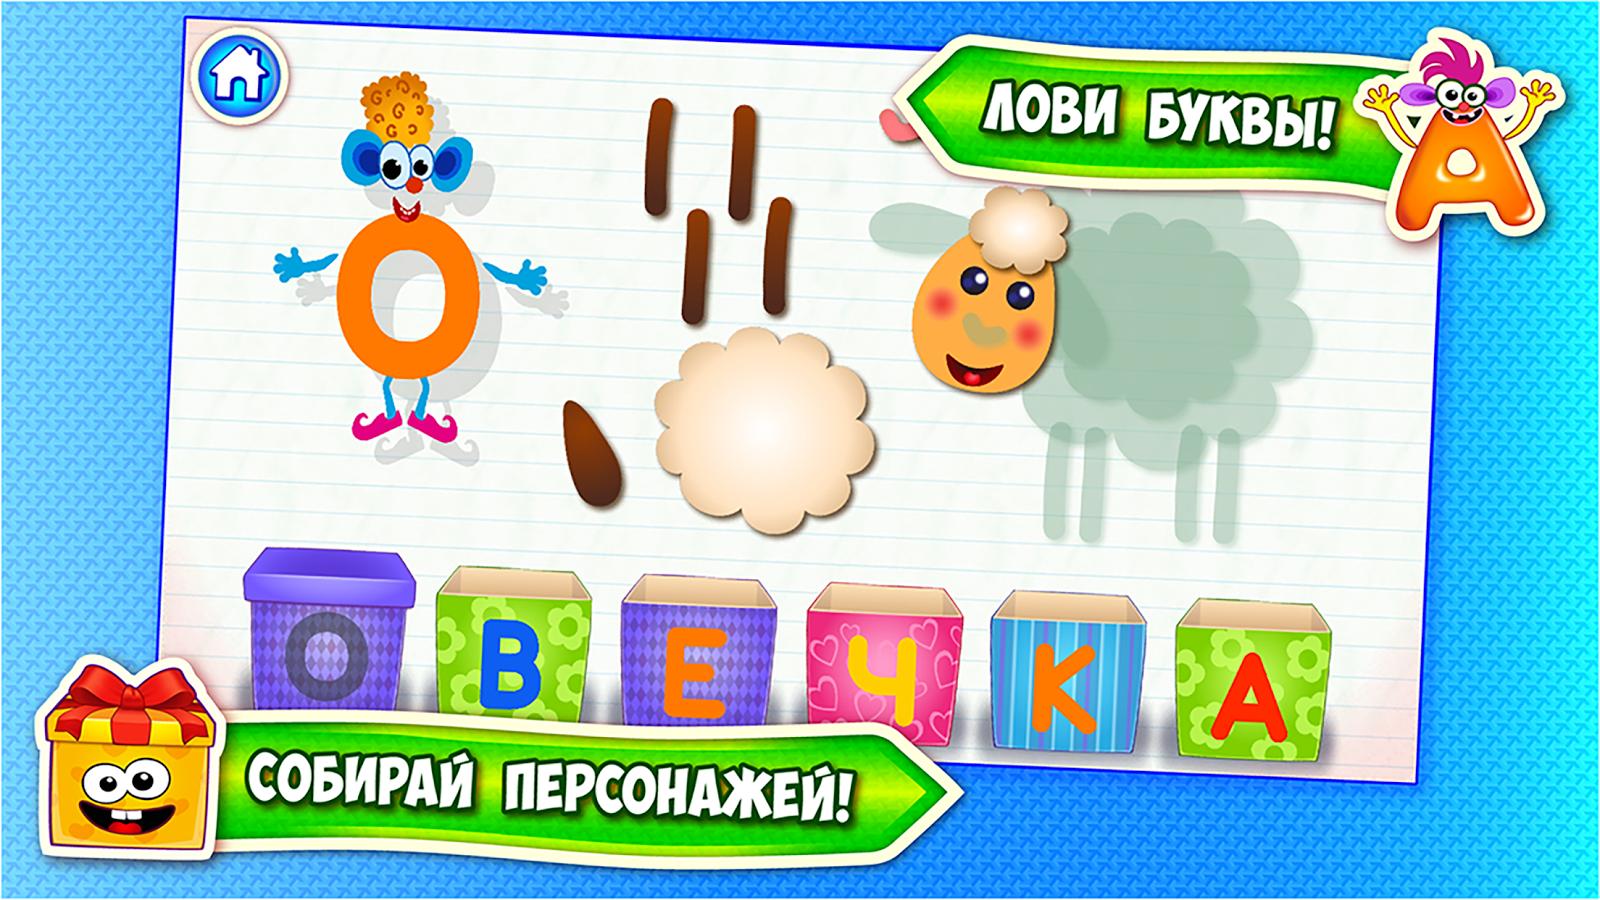 Азбука для Детей! Учим Алфавит! v2.1.1.4 Mod для …